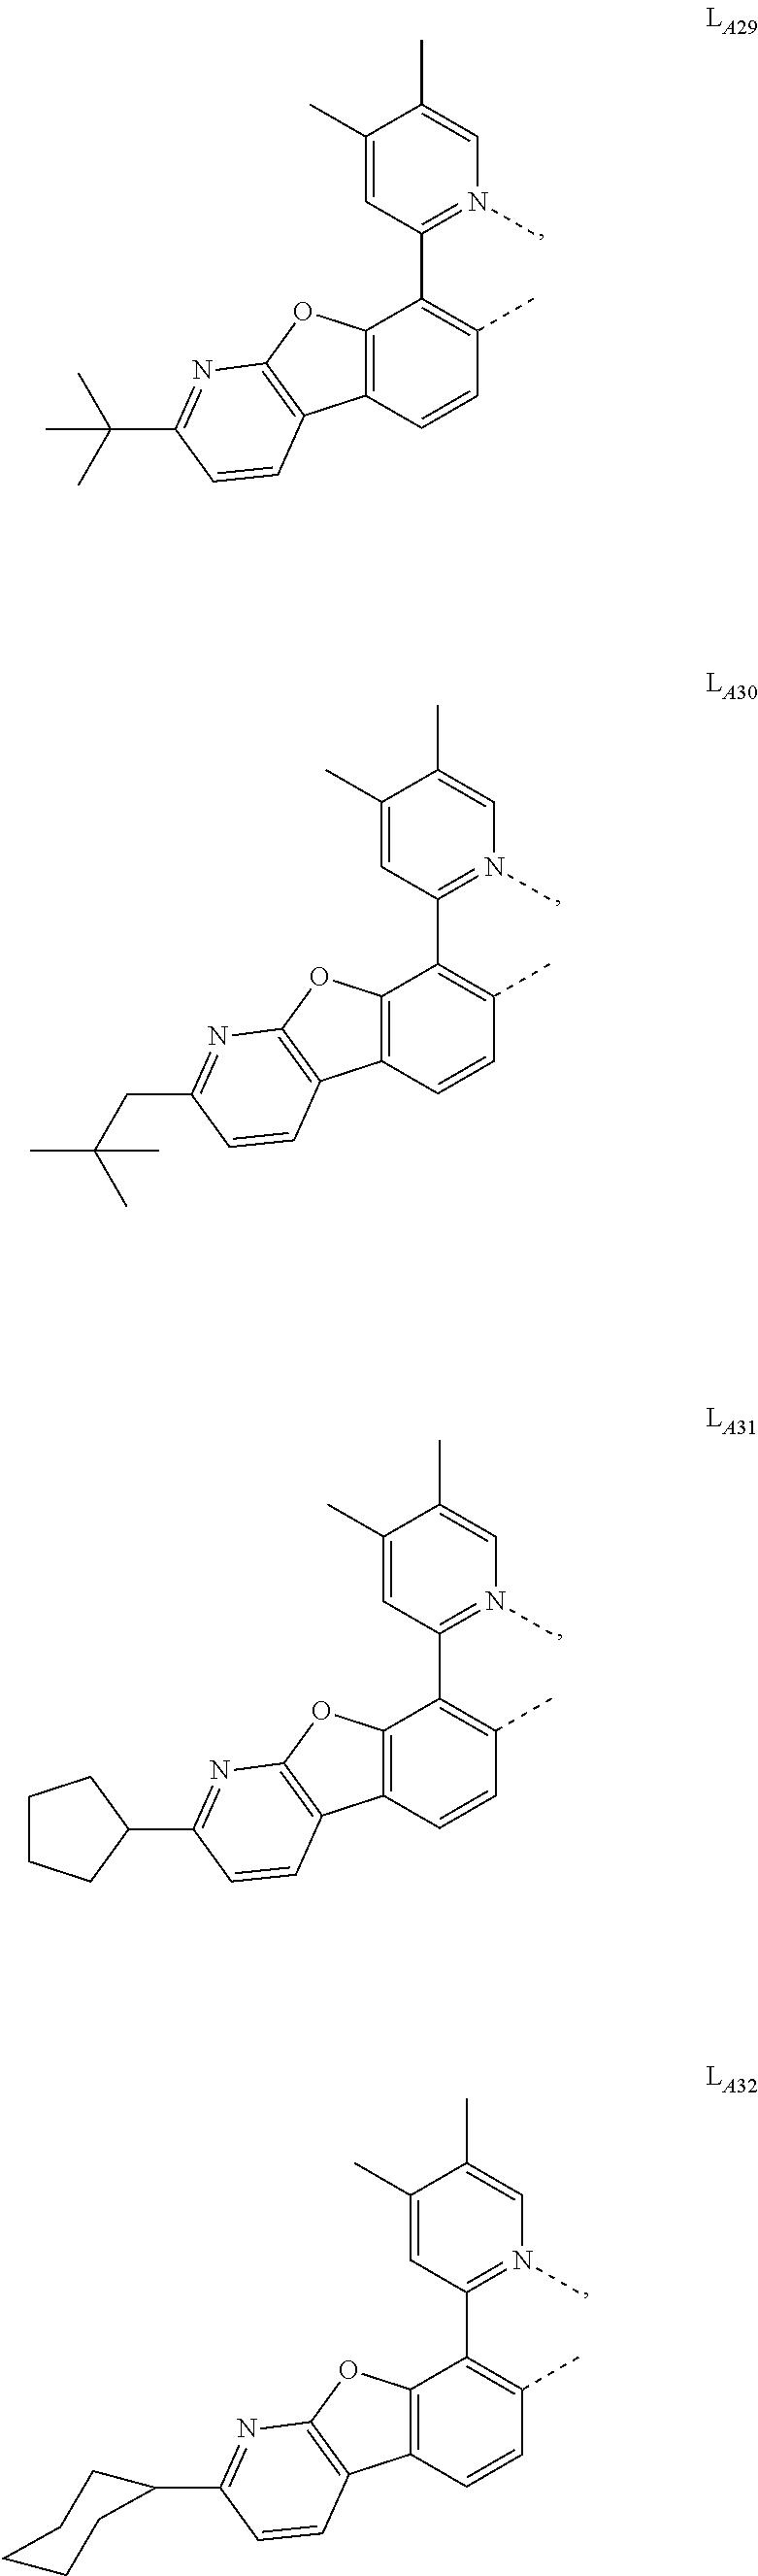 Figure US10043987-20180807-C00014